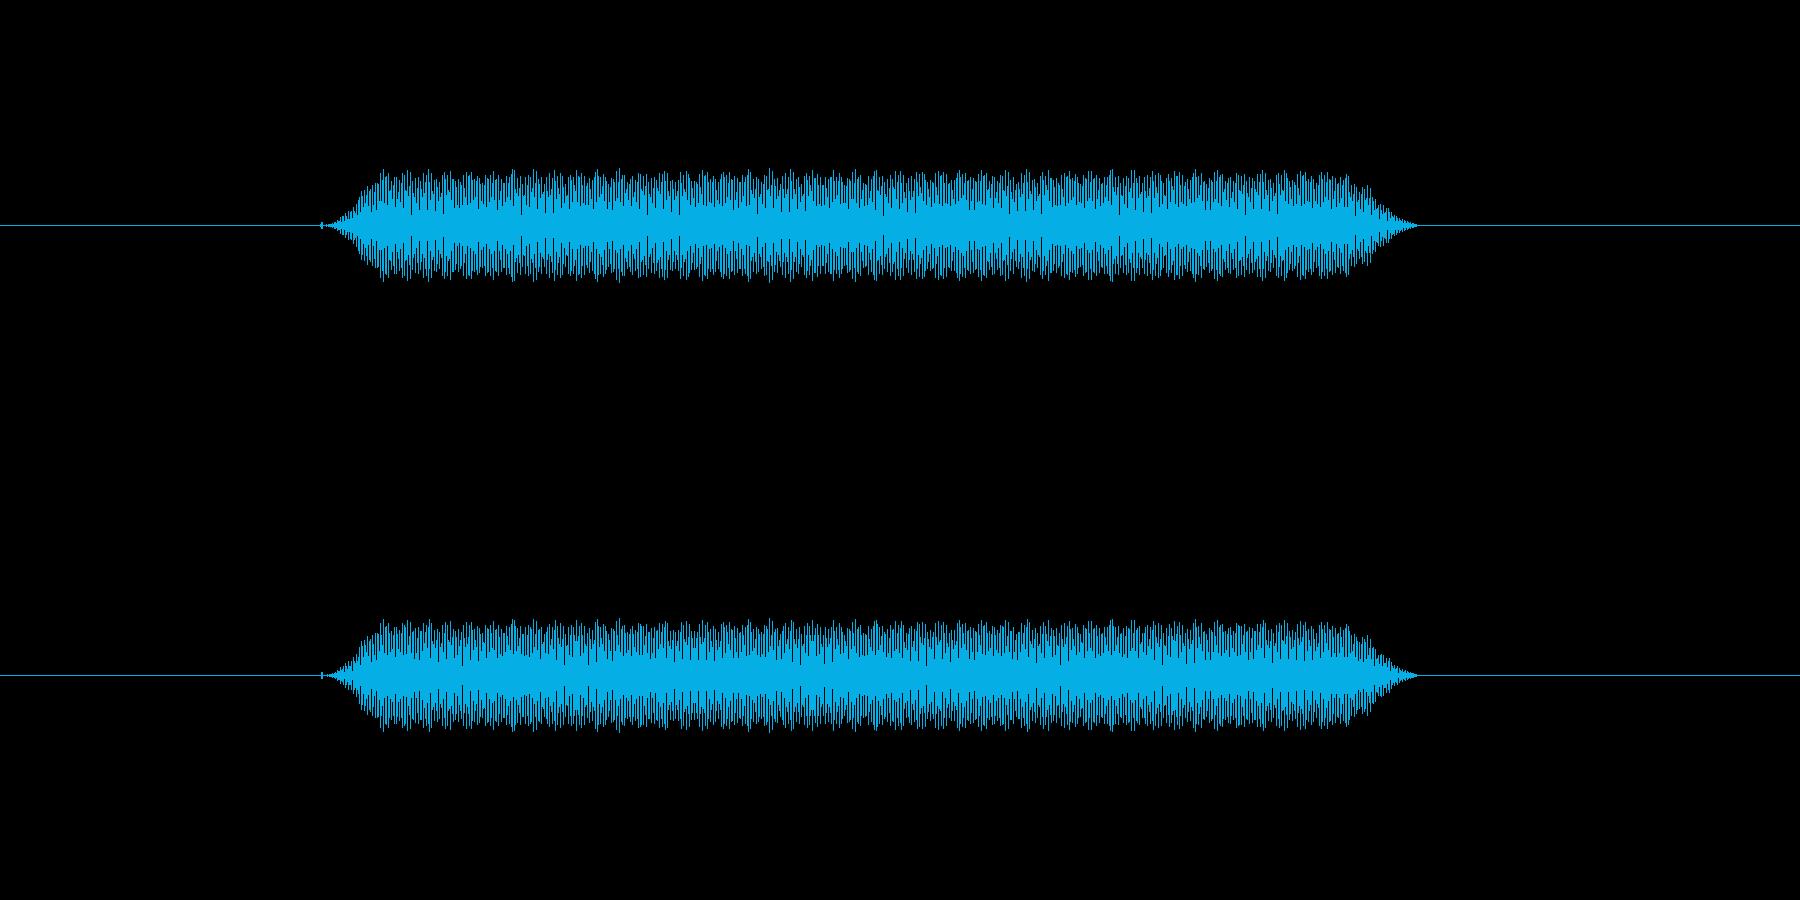 【汎用・セリフ音等】ピッ(高)の再生済みの波形